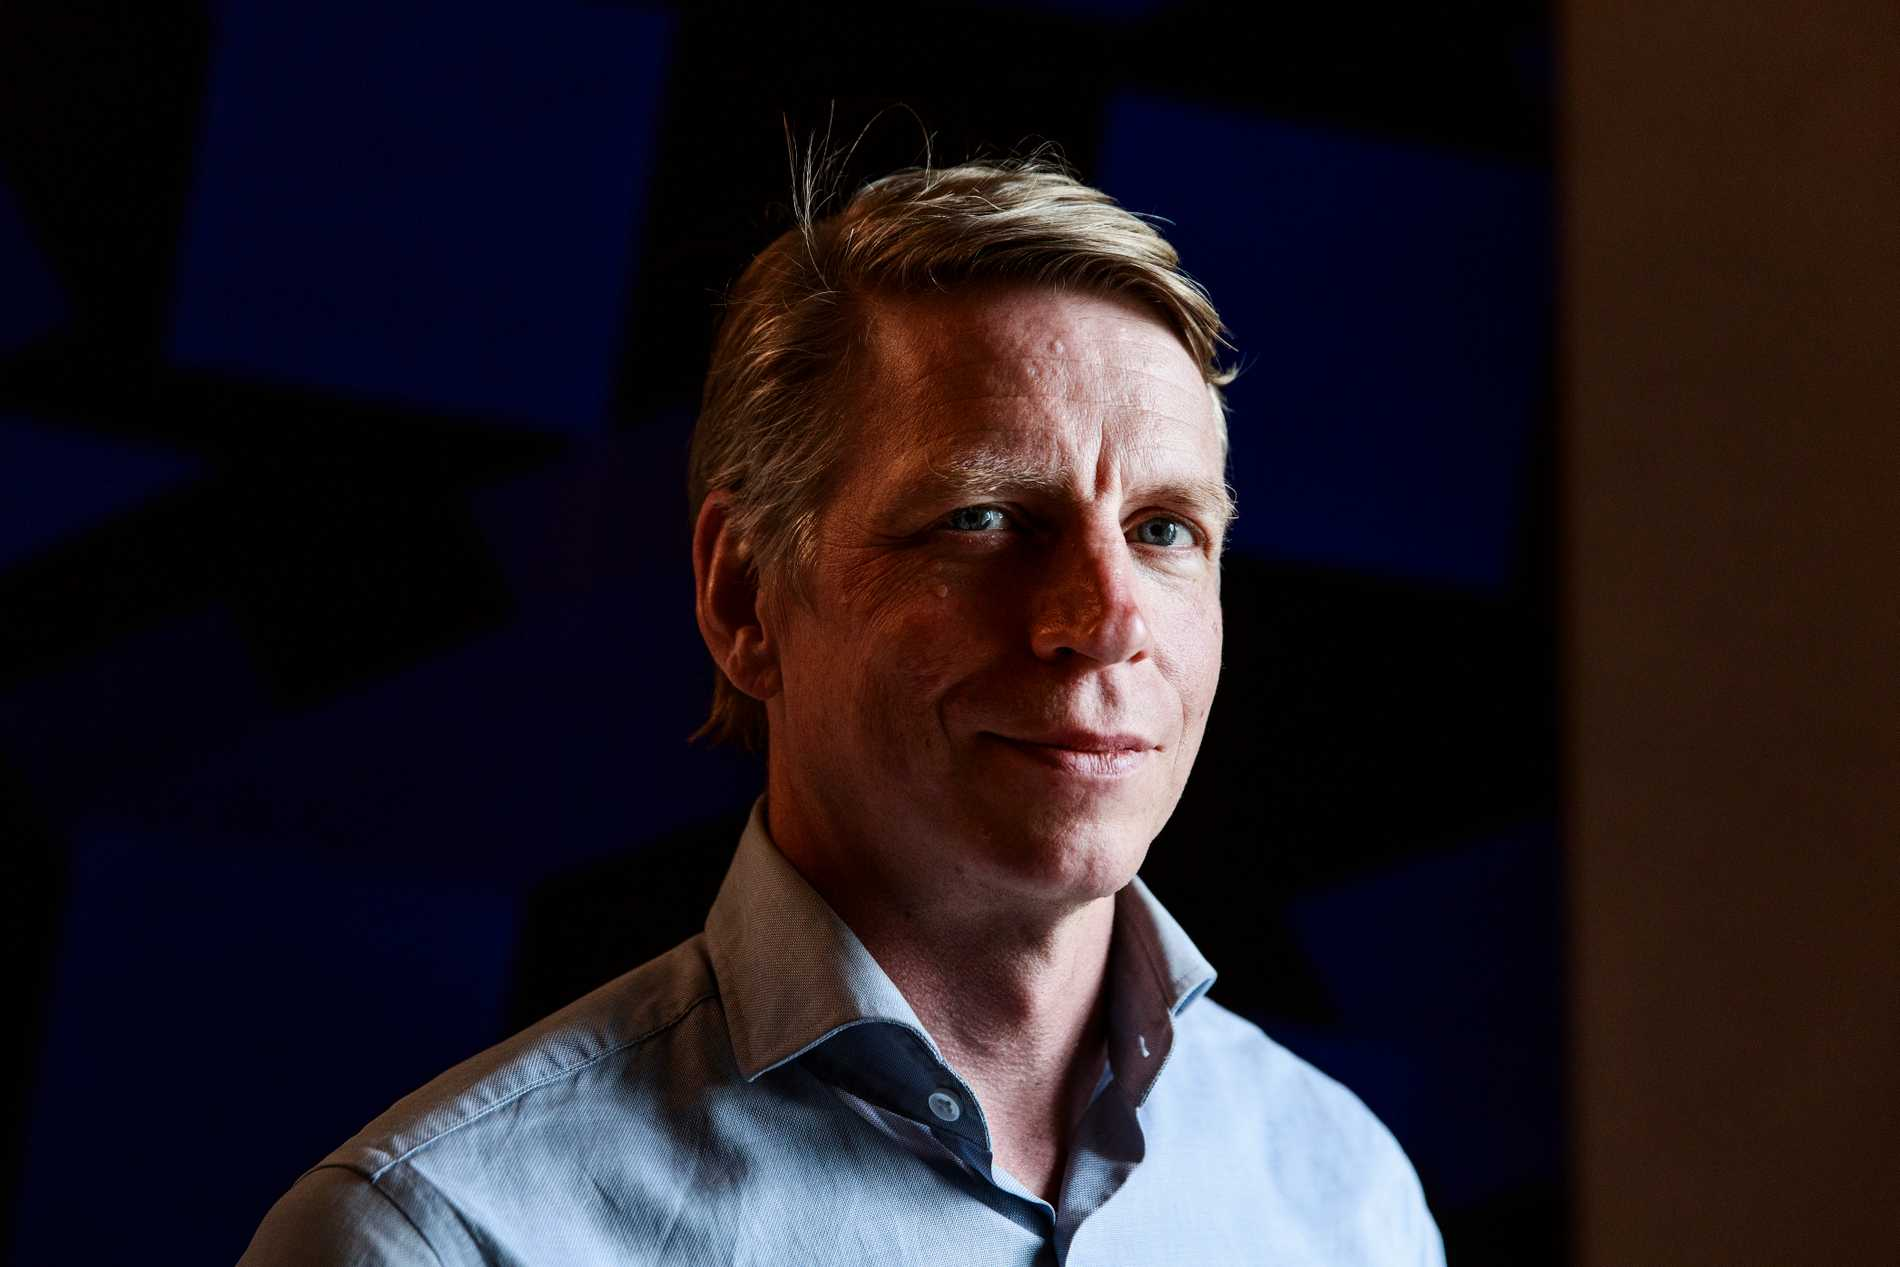 Miljöpartiets språkrör Per Bolund.